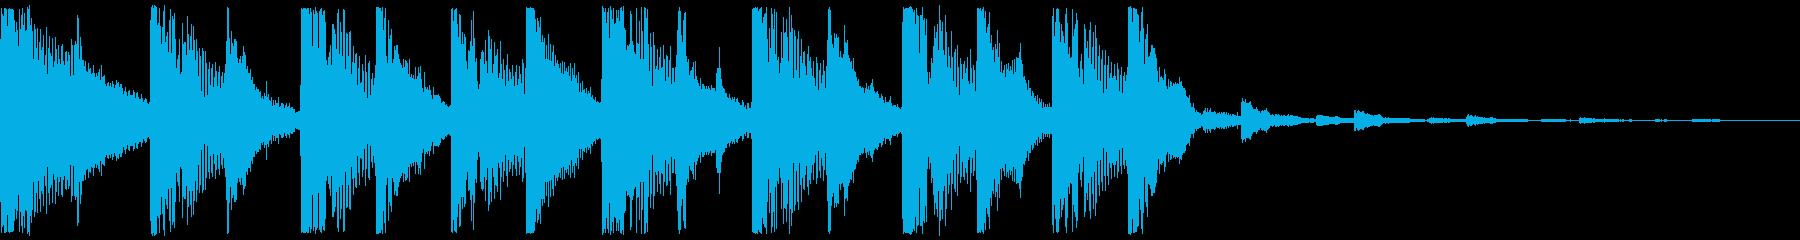 明るいイメージのジングルの再生済みの波形